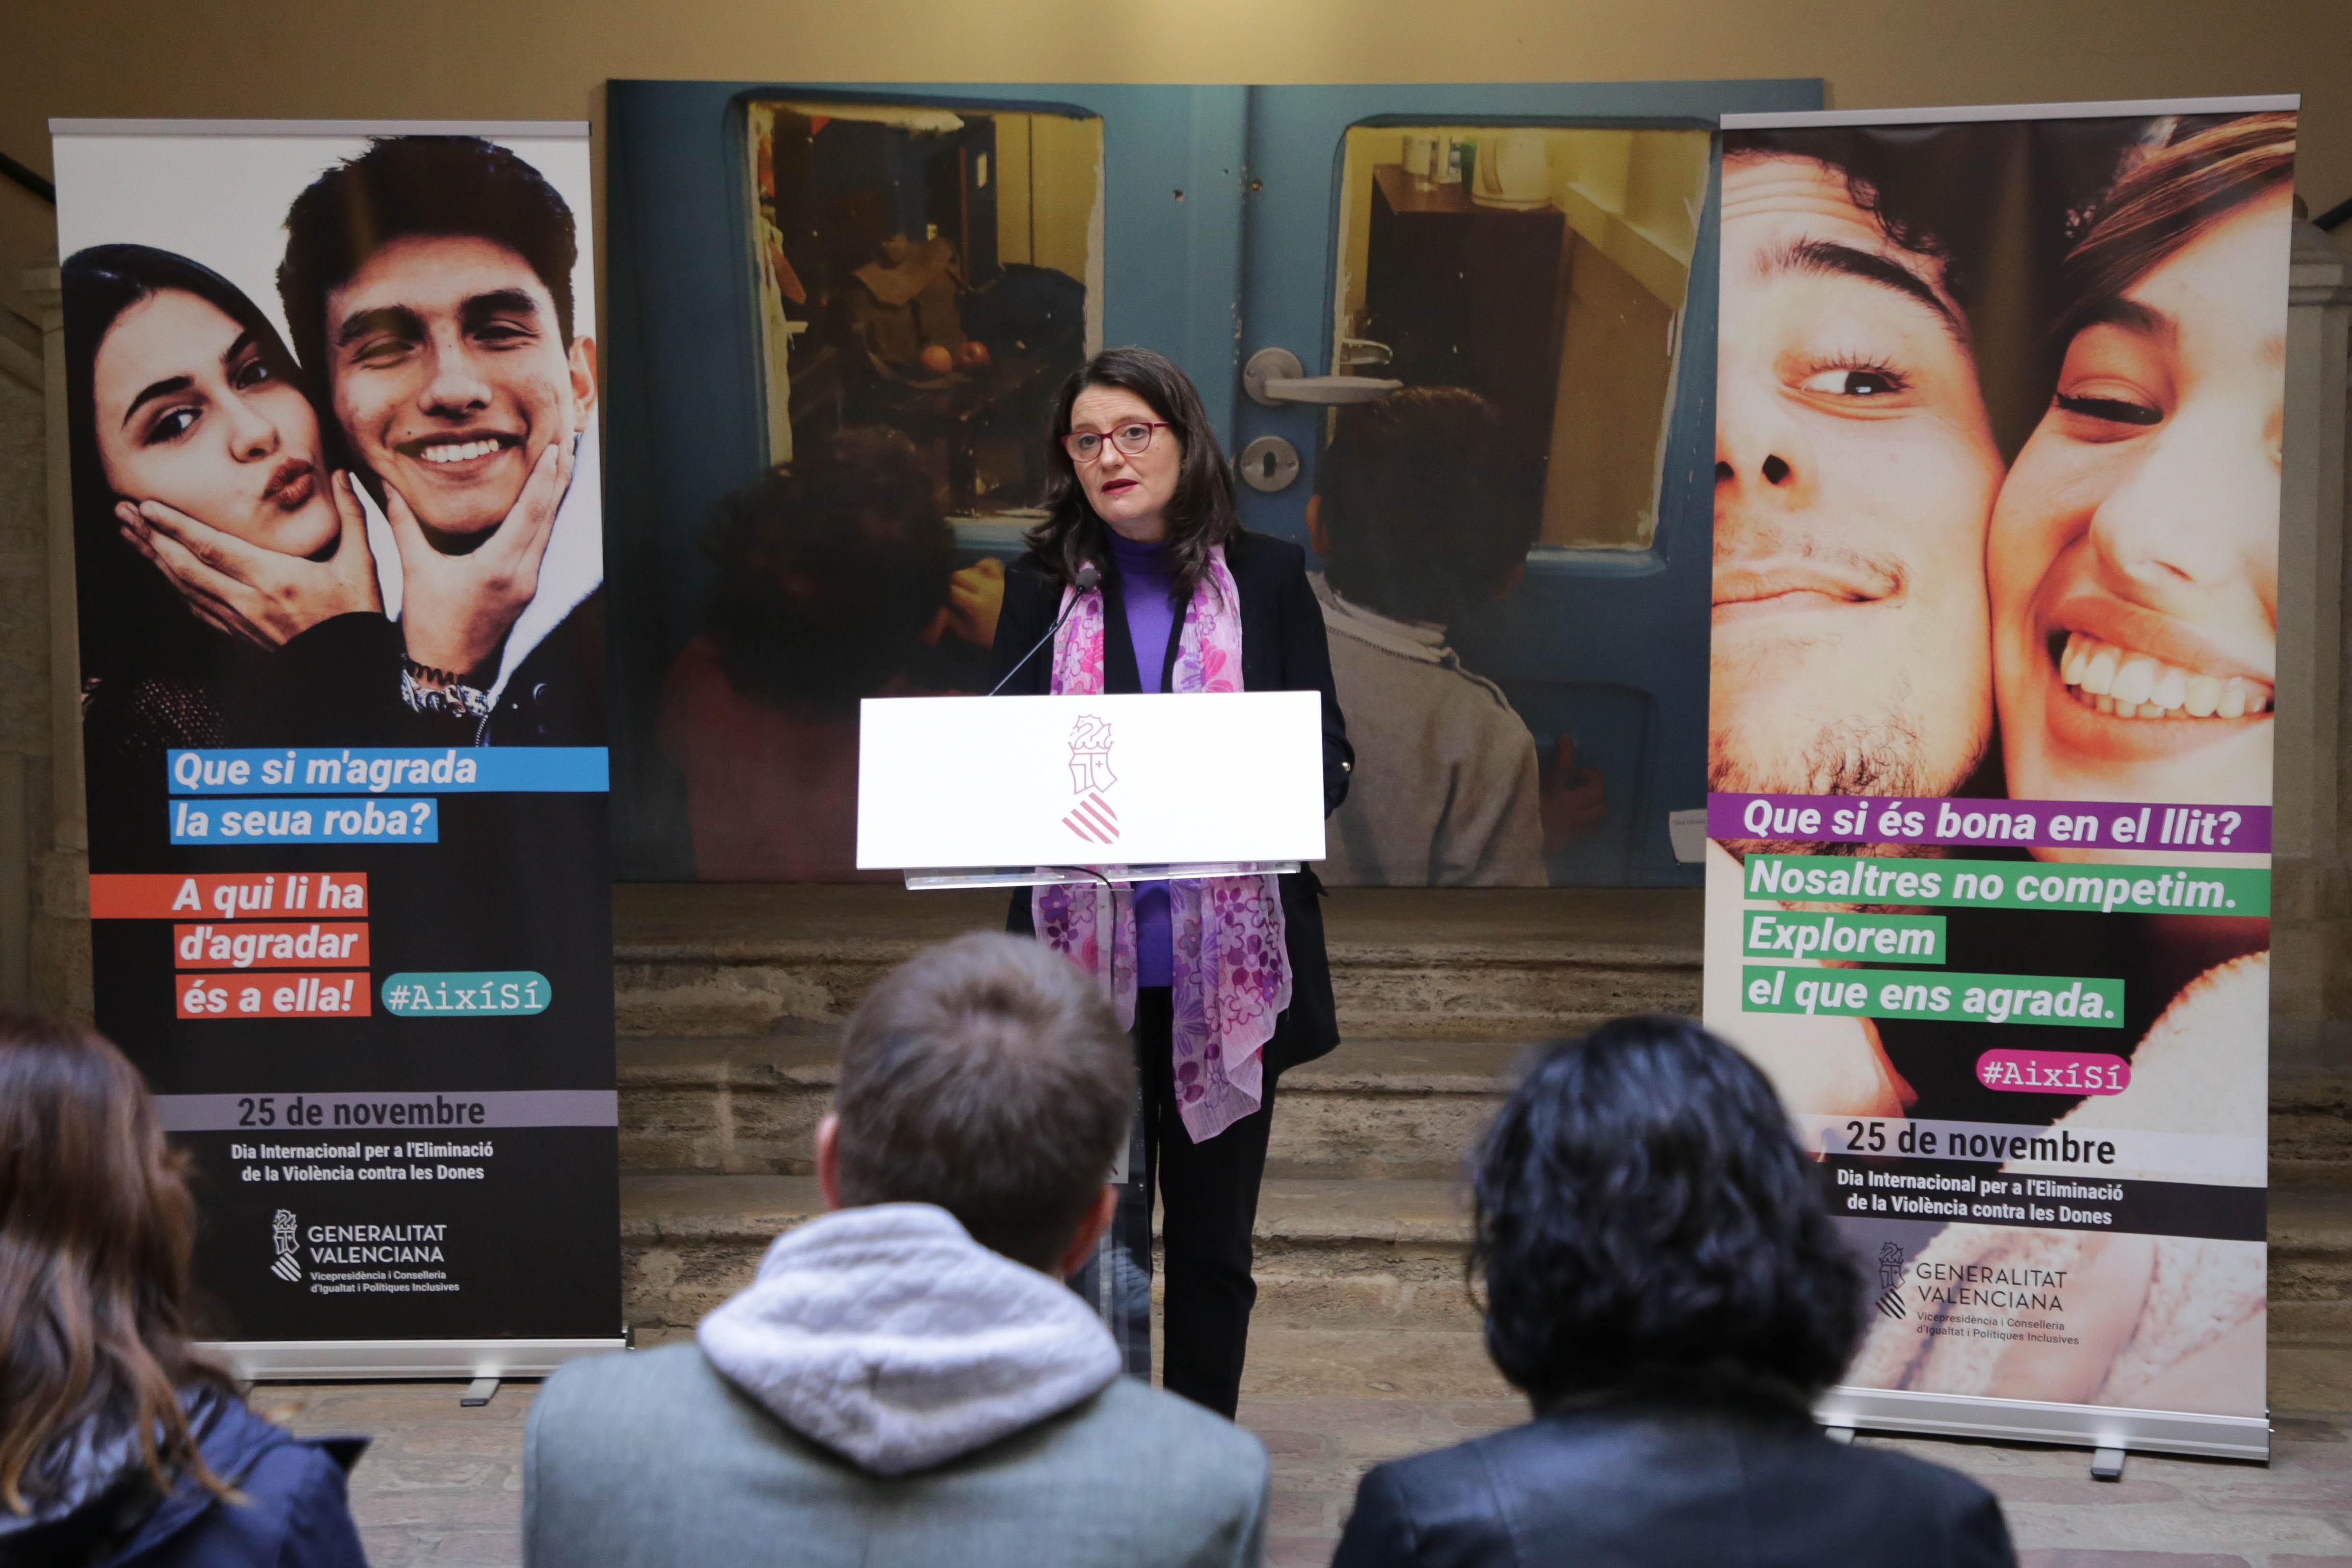 """Oltra: """"Aquesta campanya busca donar suport als homes que busquen la igualtat i treballen per la fi de la violència masclista"""""""